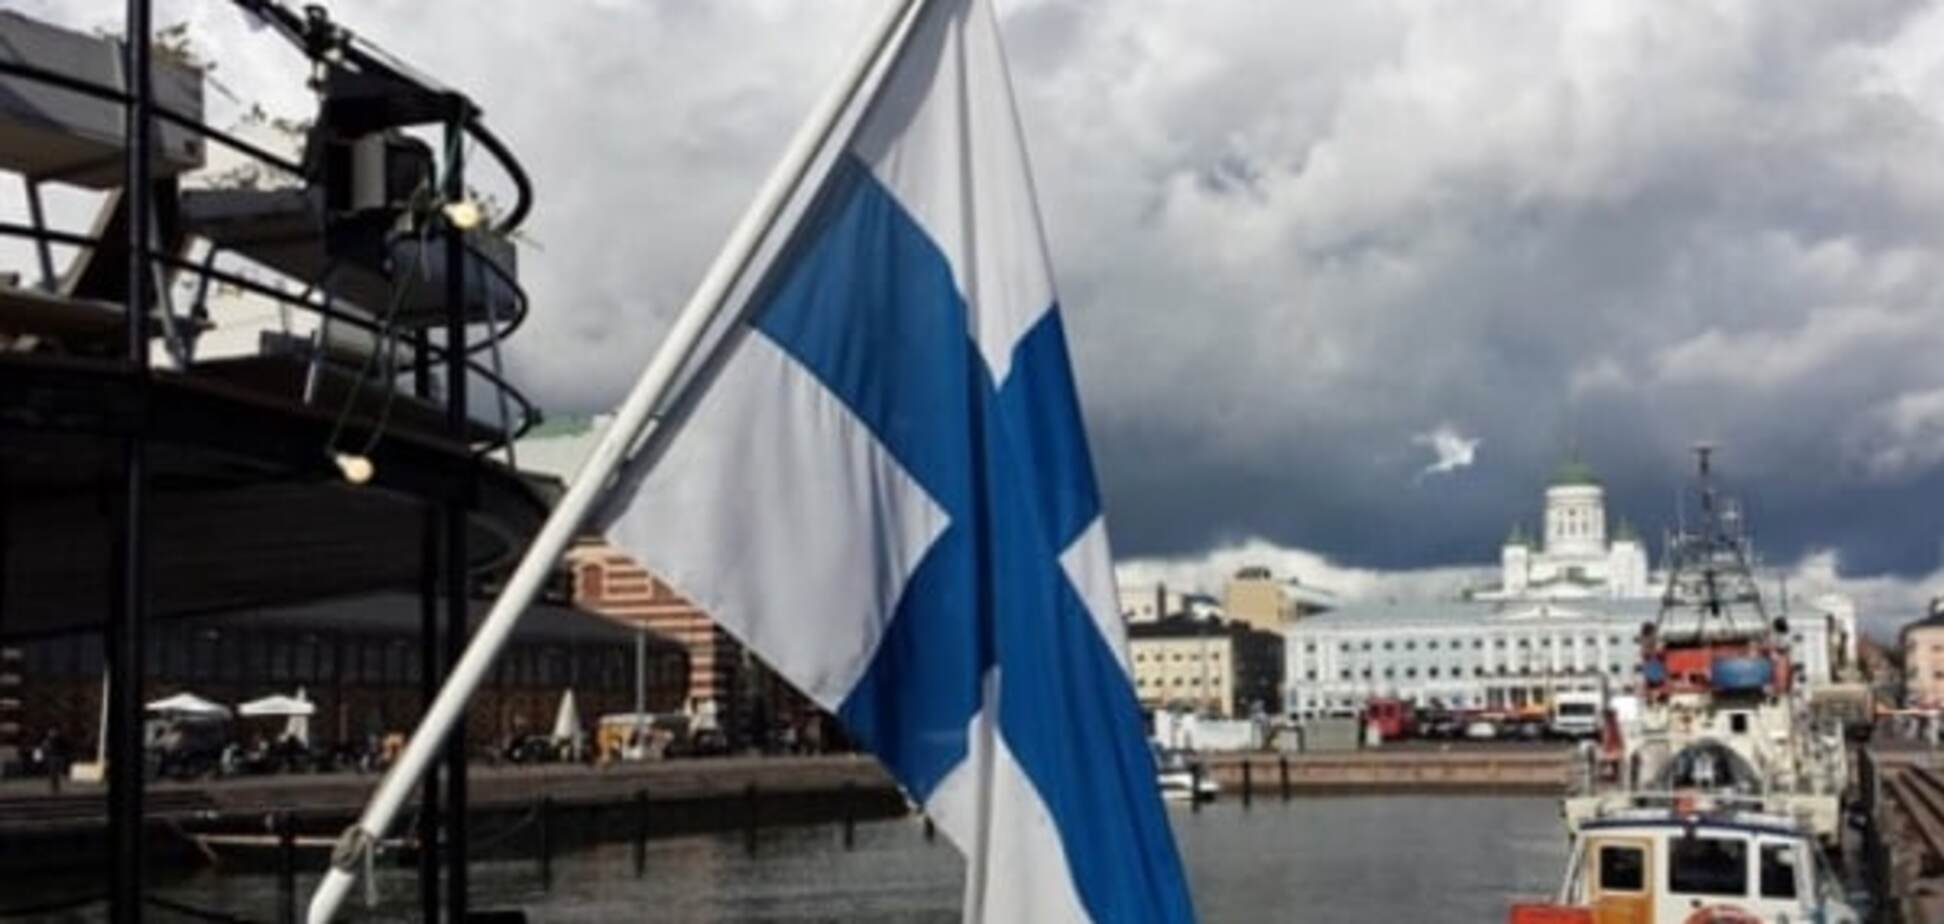 Удар по ЄС: у Фінляндії заговорили про вихід з єврозони